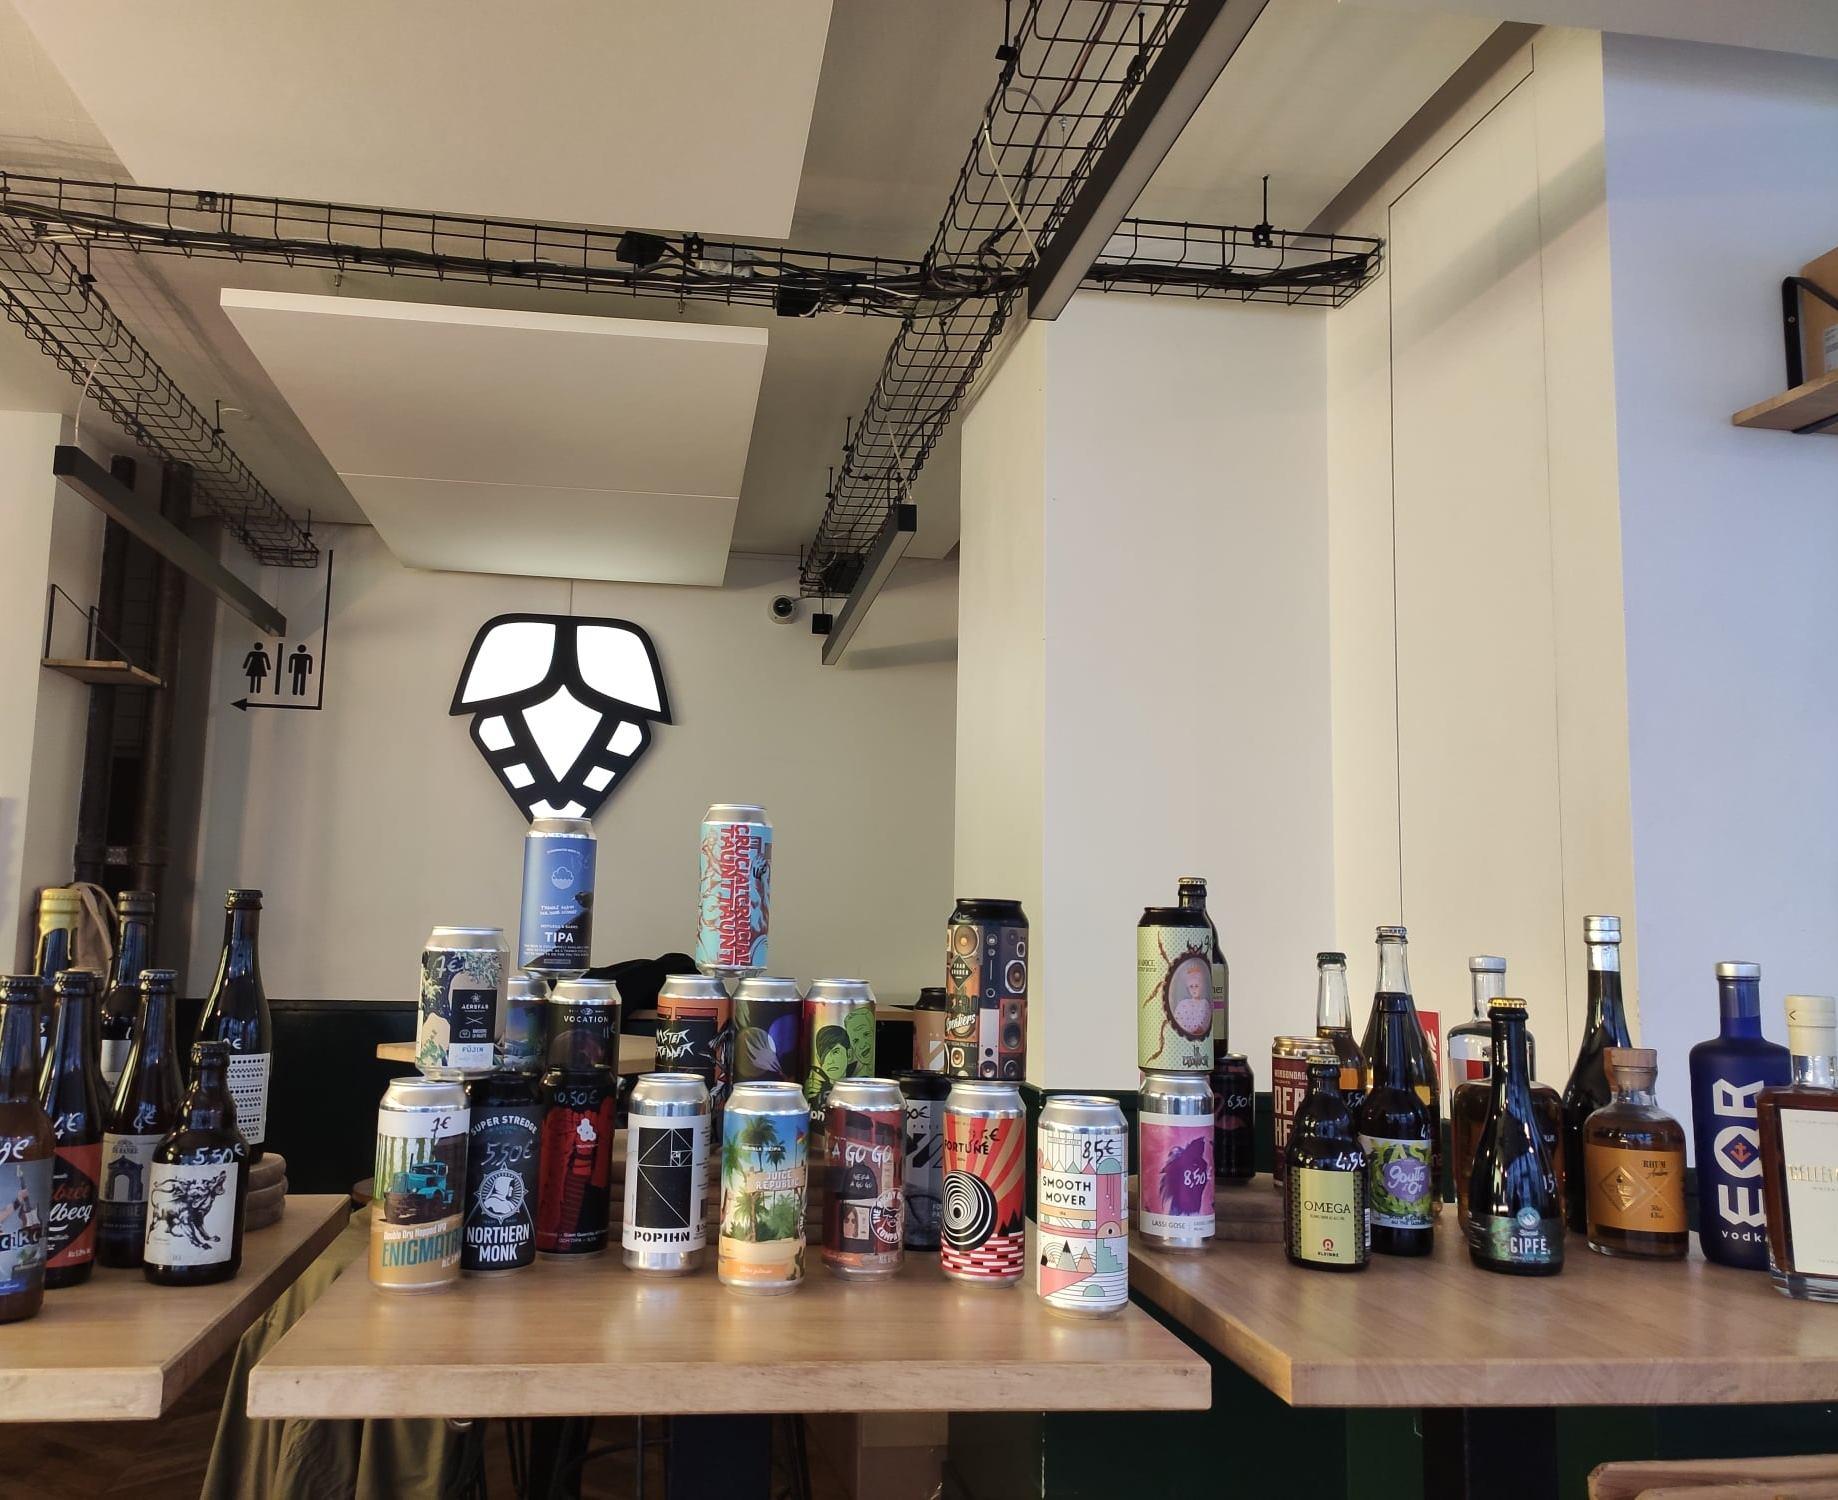 IBU - Bar à bières artisanales - Paris